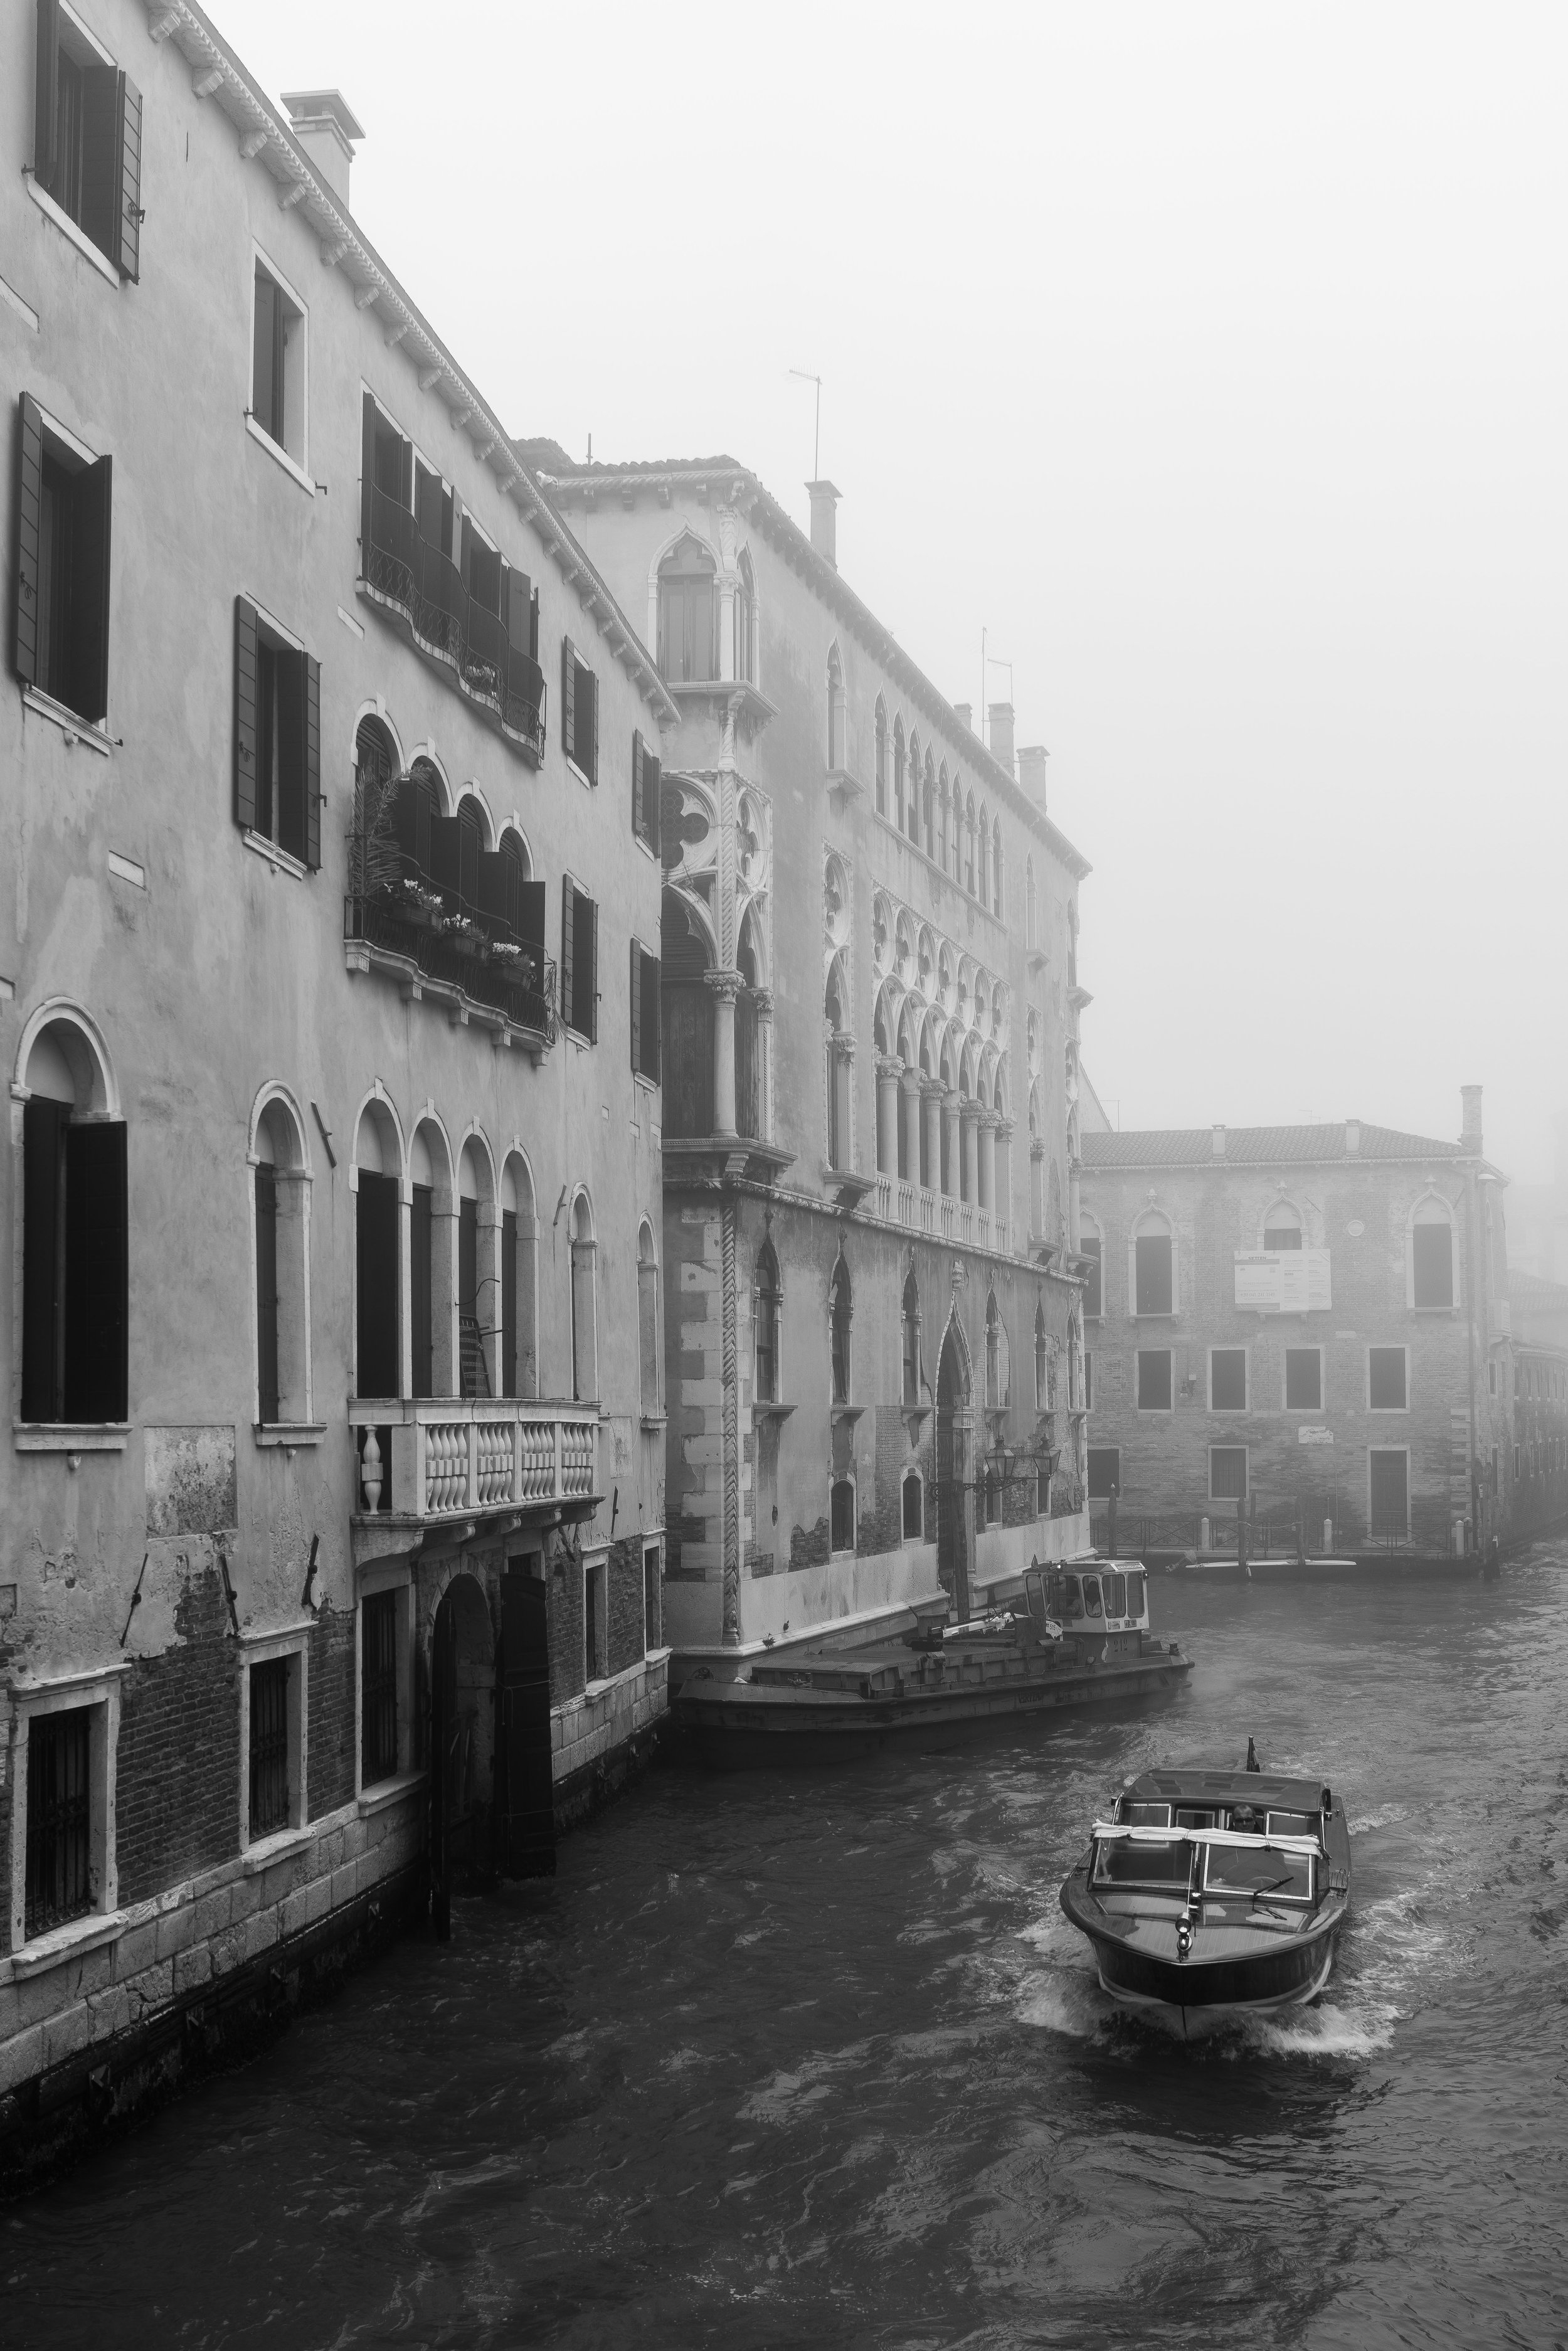 Foggy Venice Canals.jpg